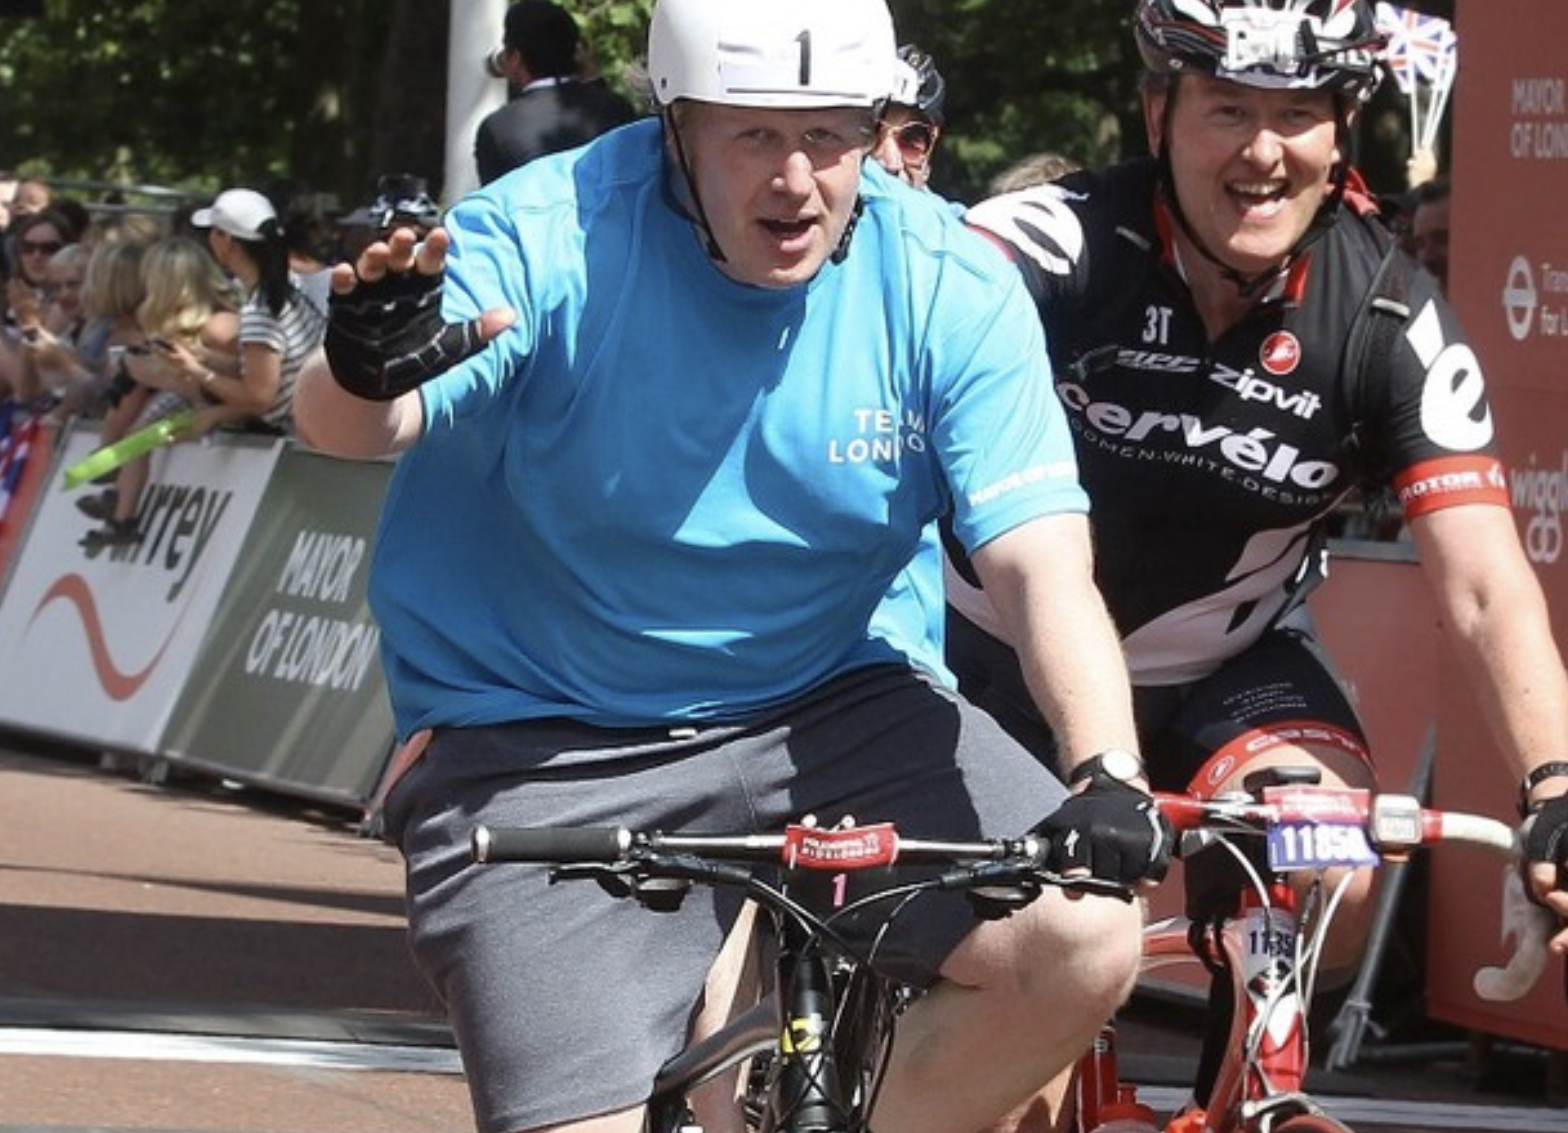 Le Premier ministre britannique Boris Johnson se préparerait à lancer une nouvelle stratégie visant à réduire les taux d'obésité dans son pays. Il aurait changé d'avis sur la façon de s'attaquer à la crise de l'obésité après avoir apparemment attribué son infection au Covid-19 à son embonpoint.